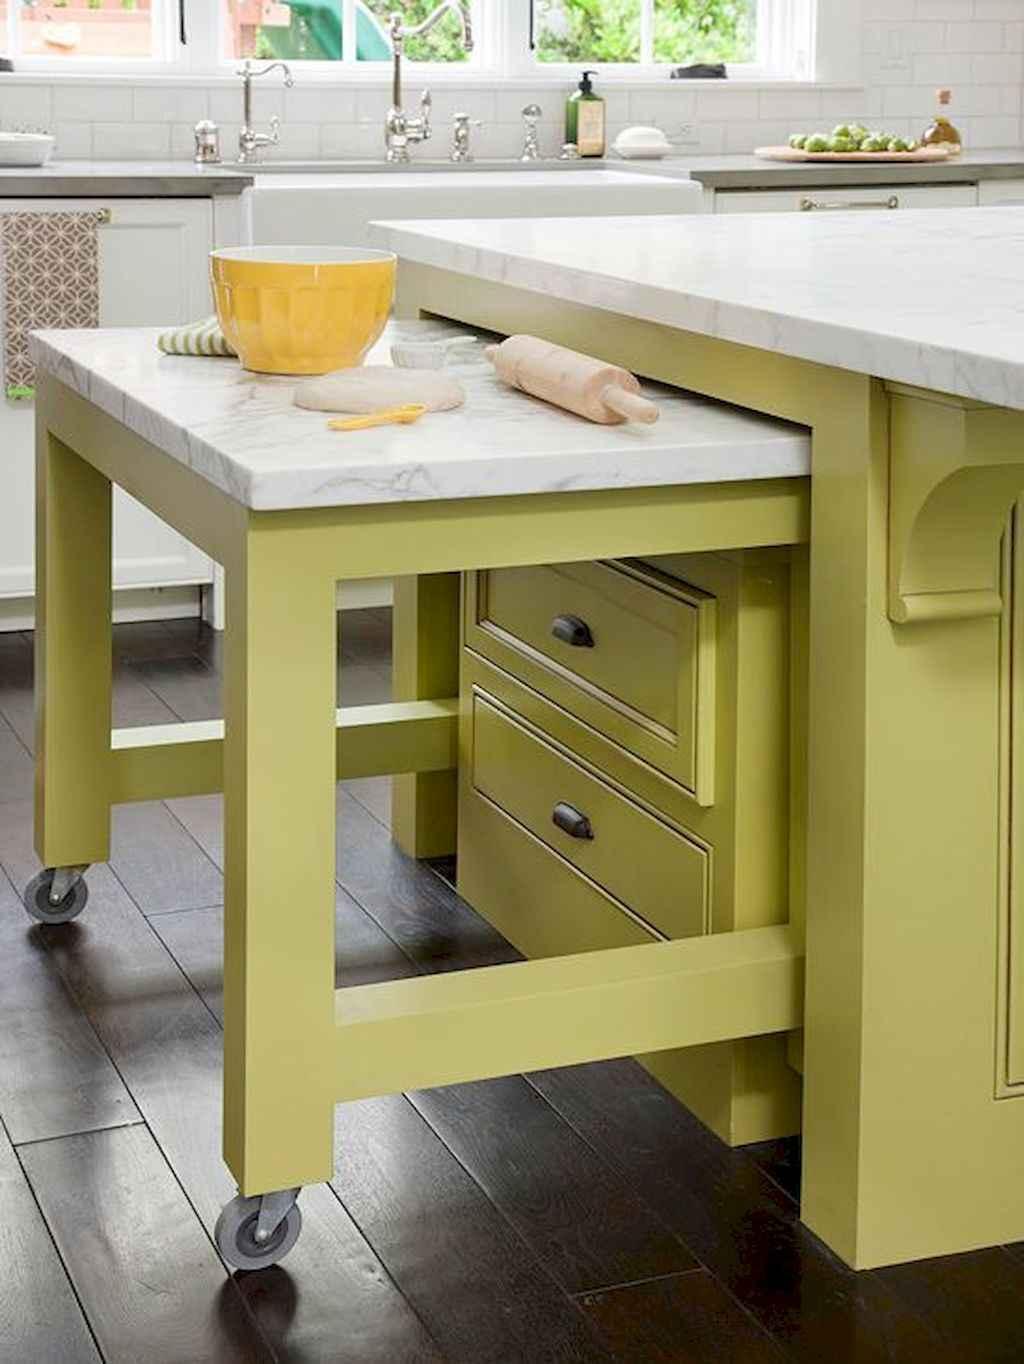 Ingenious hidden kitchen cabinet & storage solutions (47)